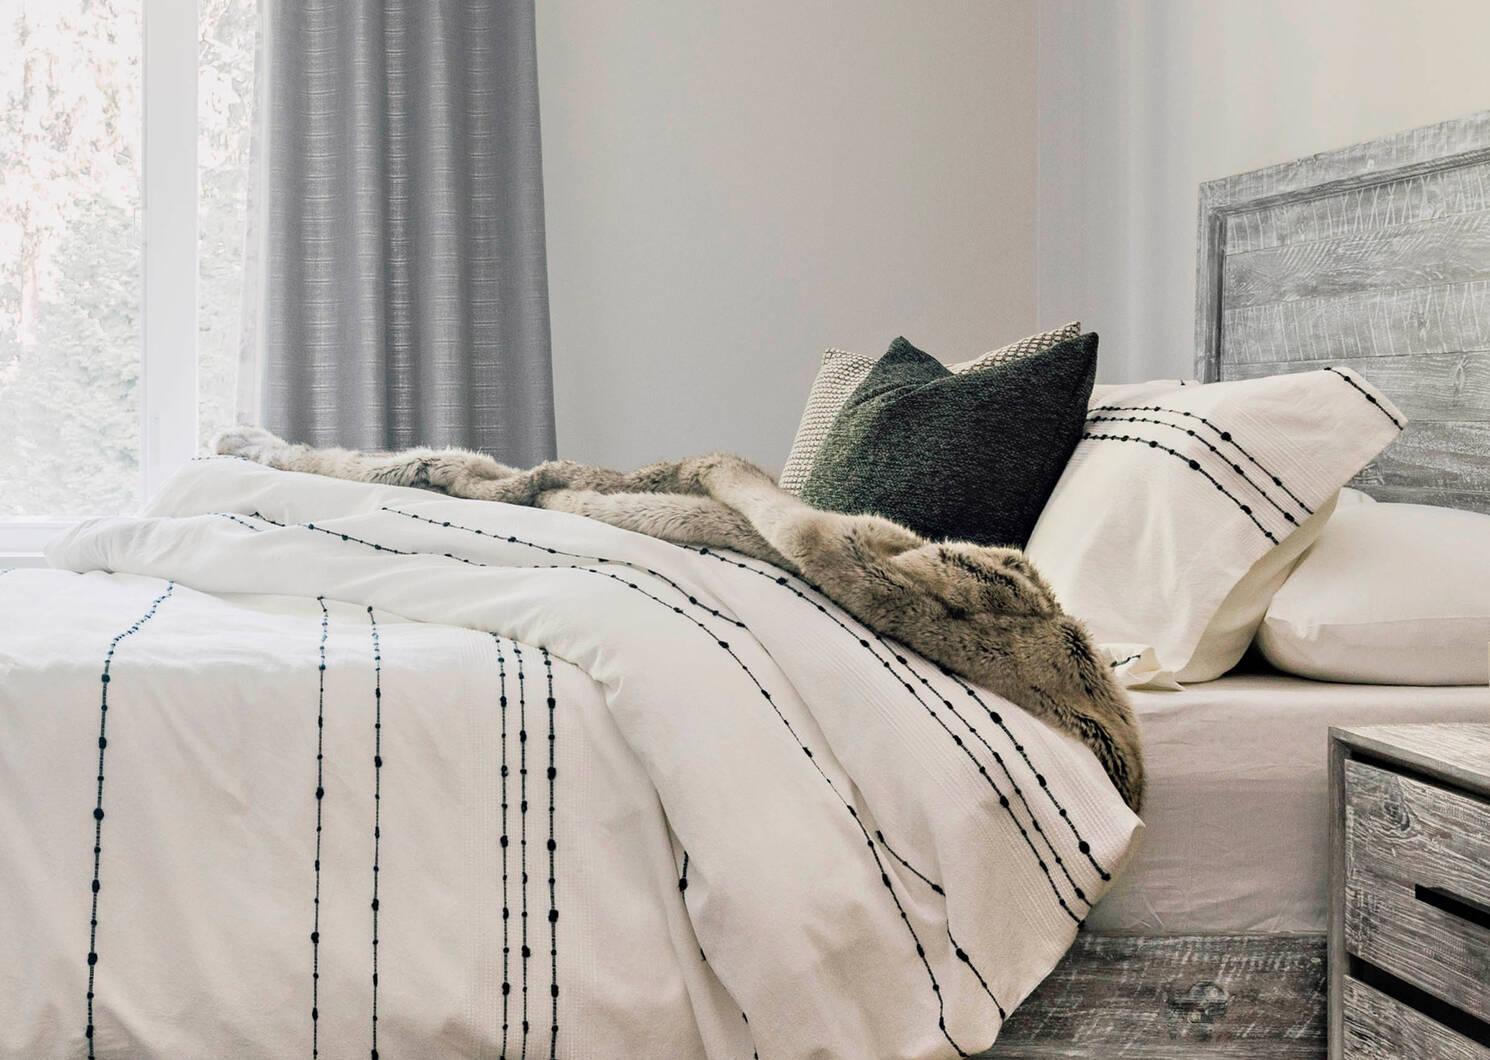 Habitat Faux Fur Bedspreads - Mink